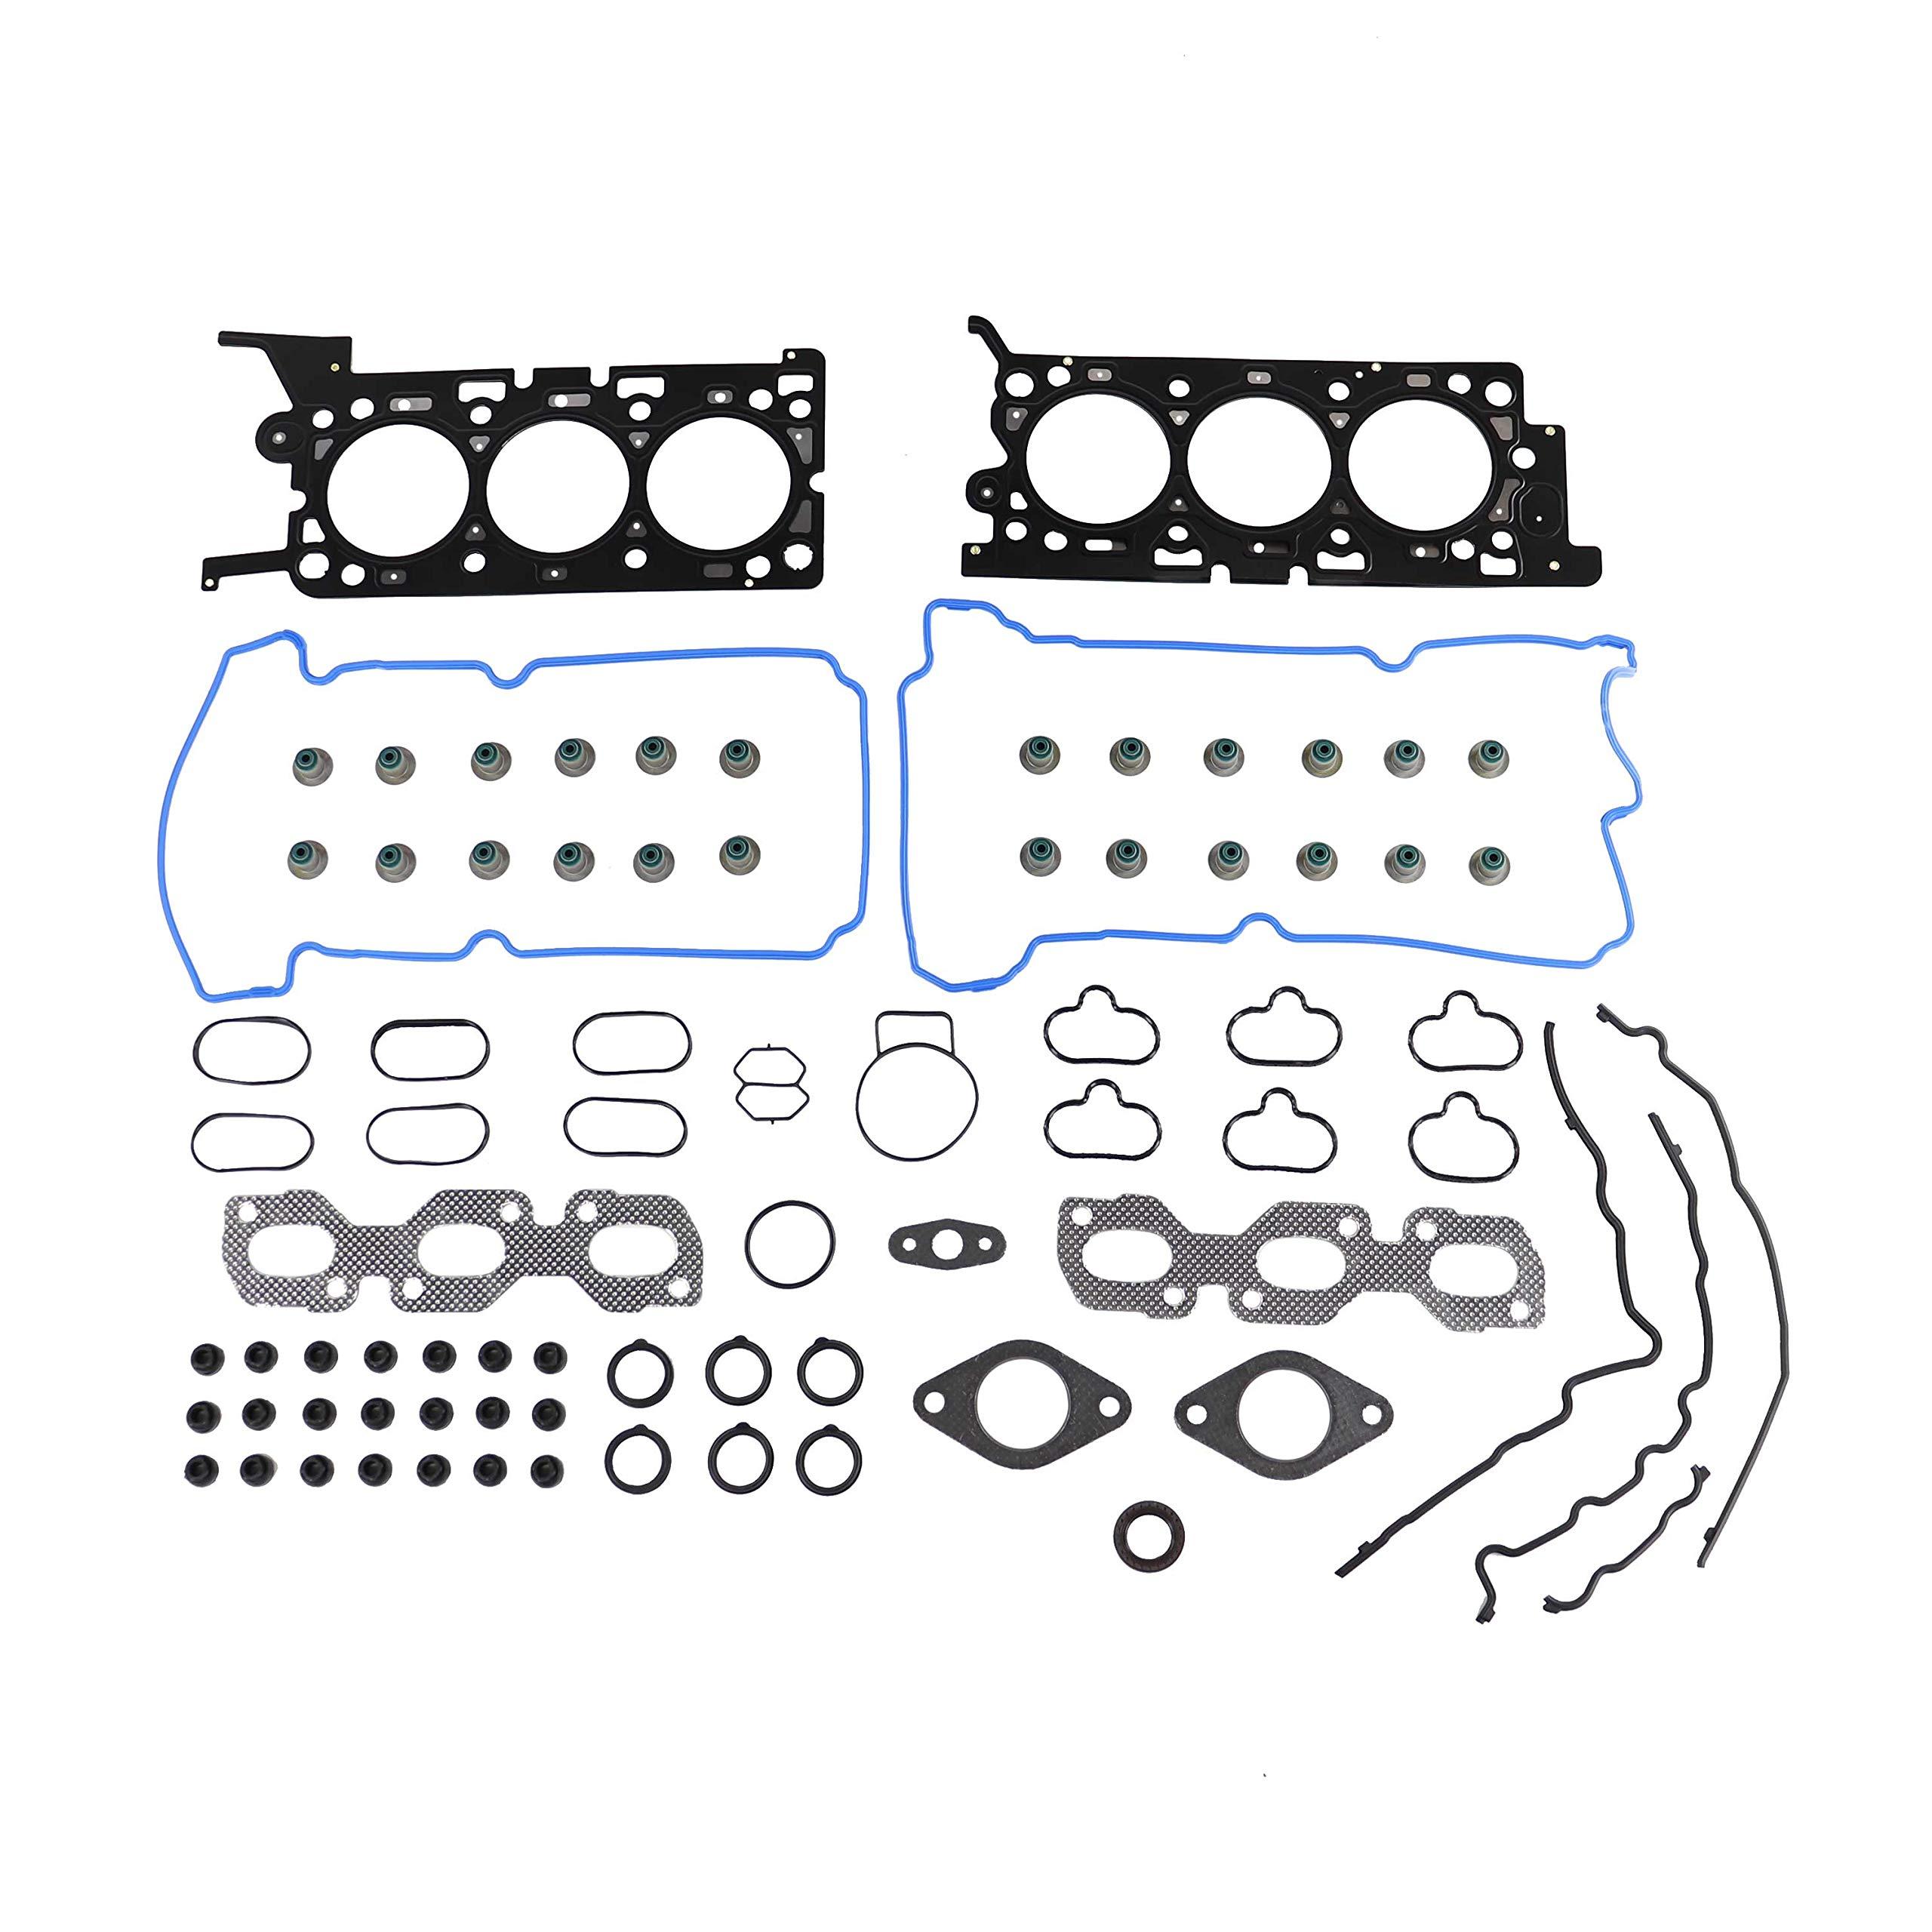 DNJ HGS4101 MLS Head Gasket Set for 2003-2004 / Ford/Escape 3.0L / V6 / DOHC / 24v / DURATEC